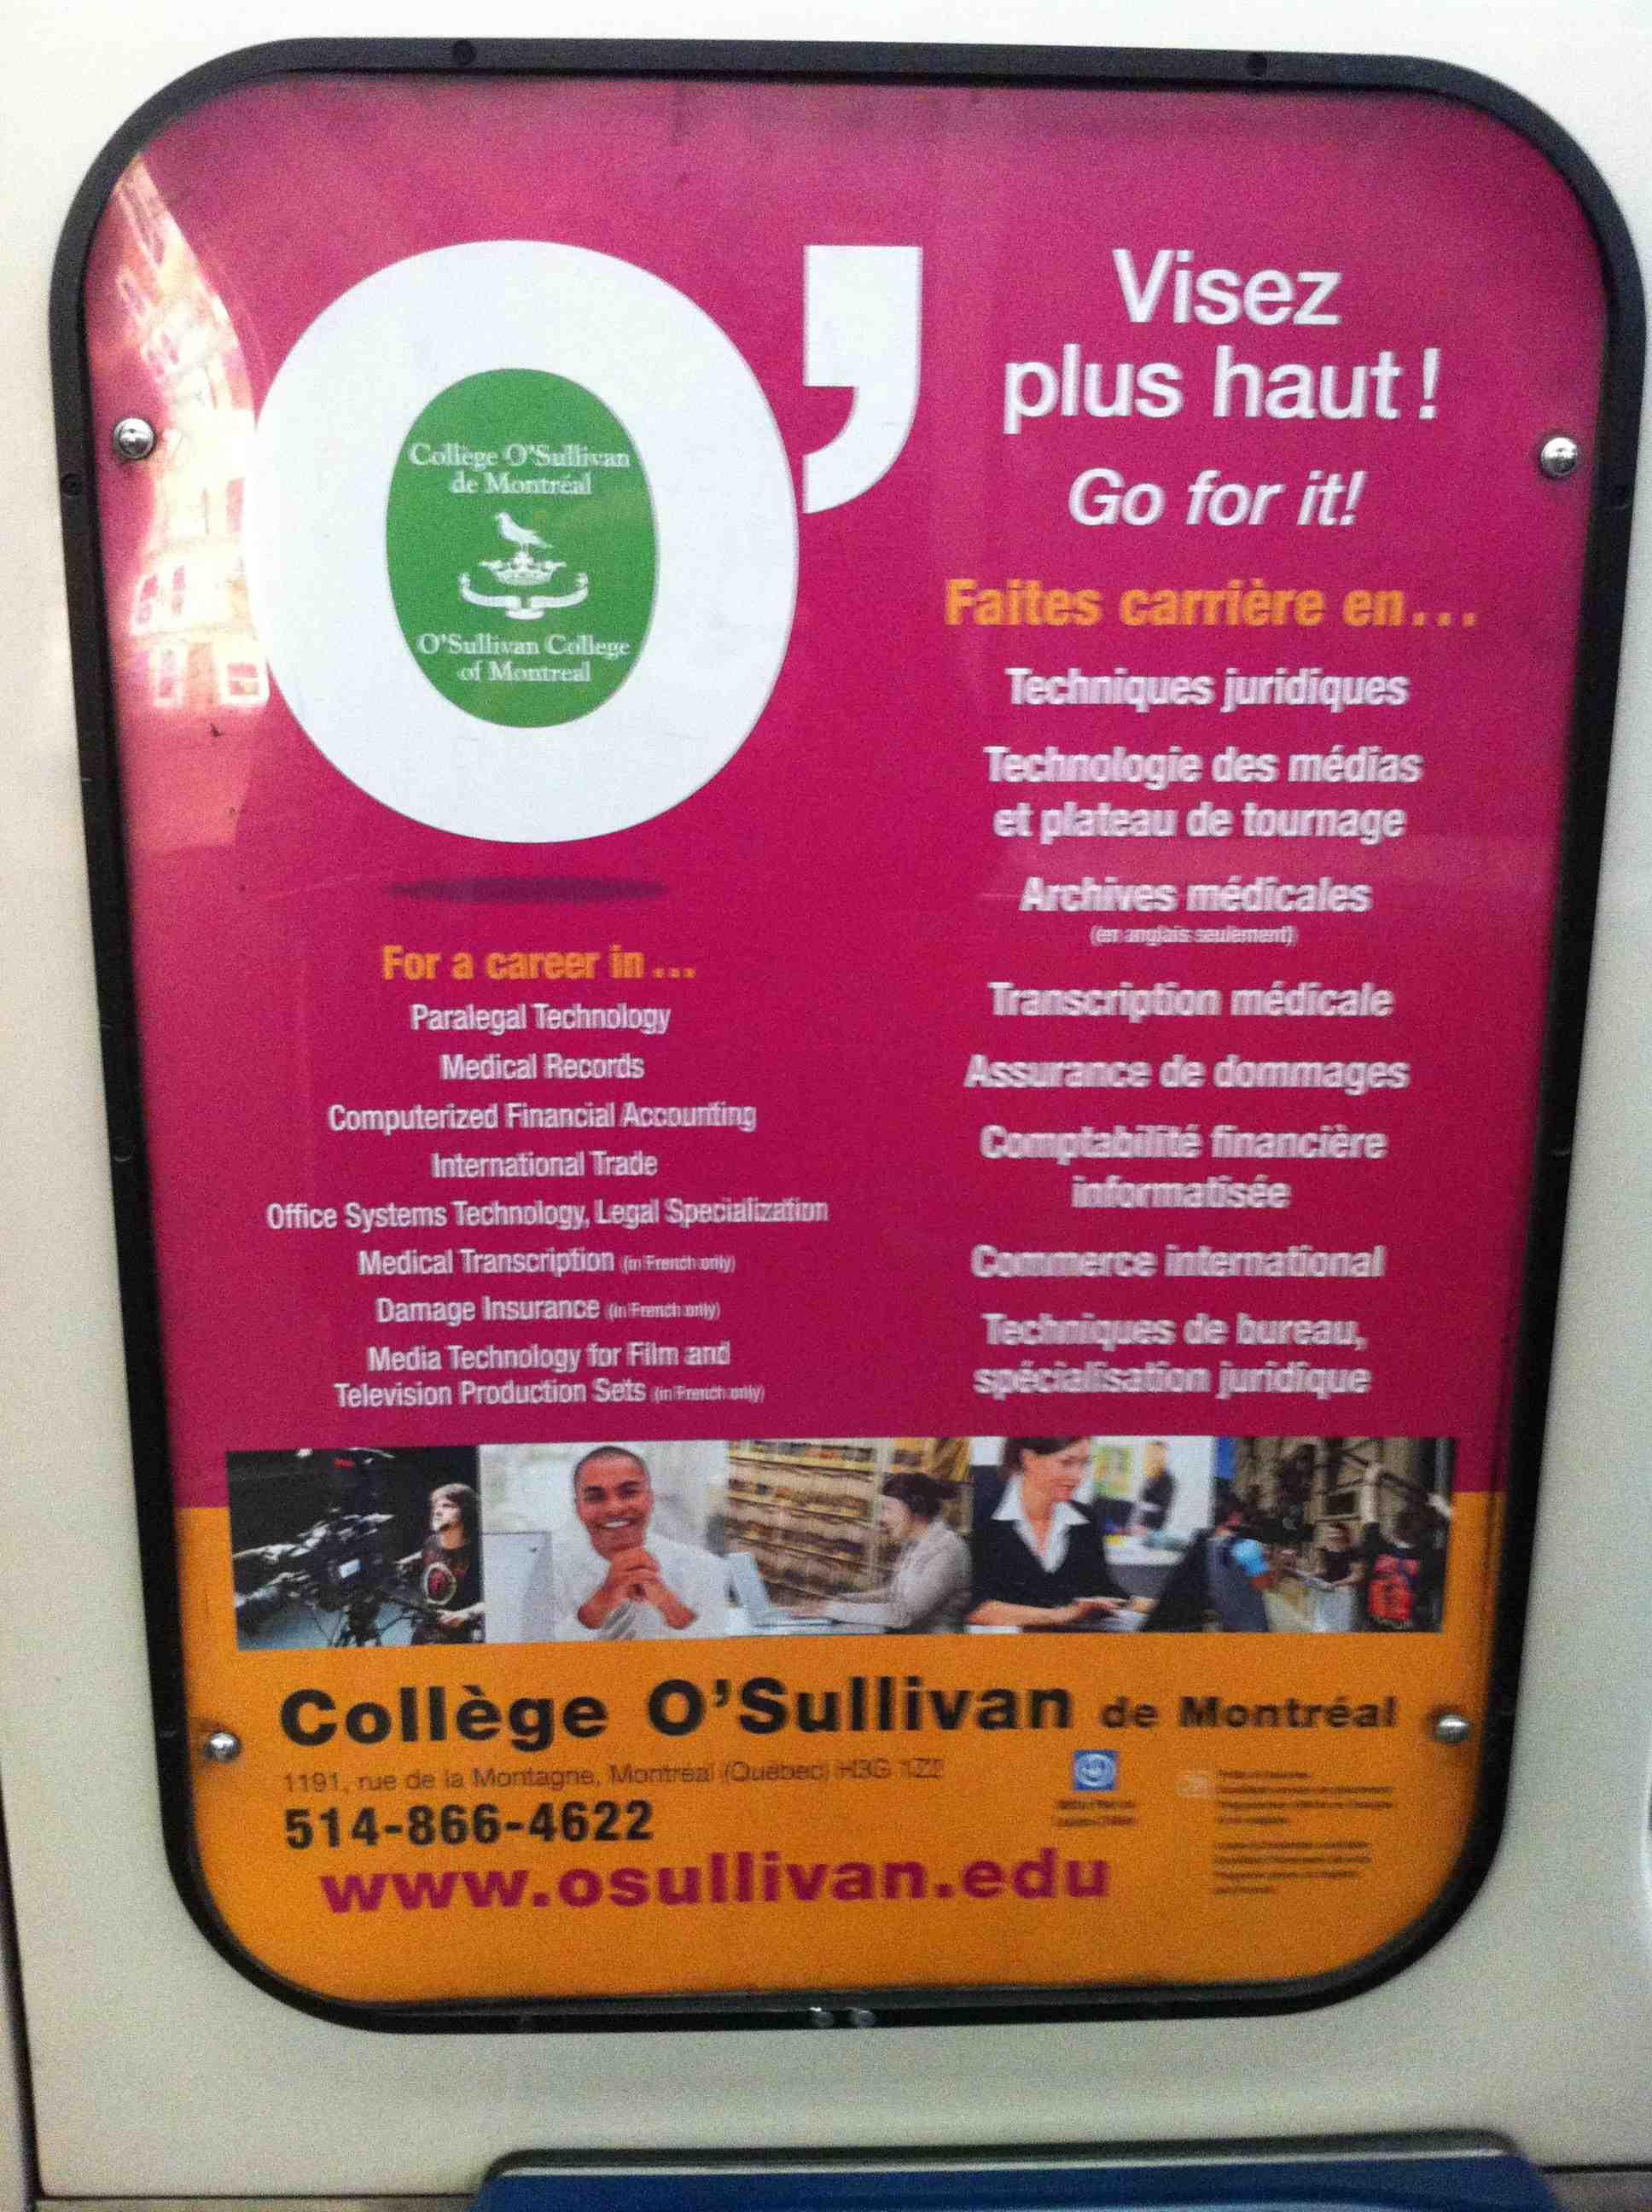 Publicité du Collège O'Sullivan (métro de Montréal)